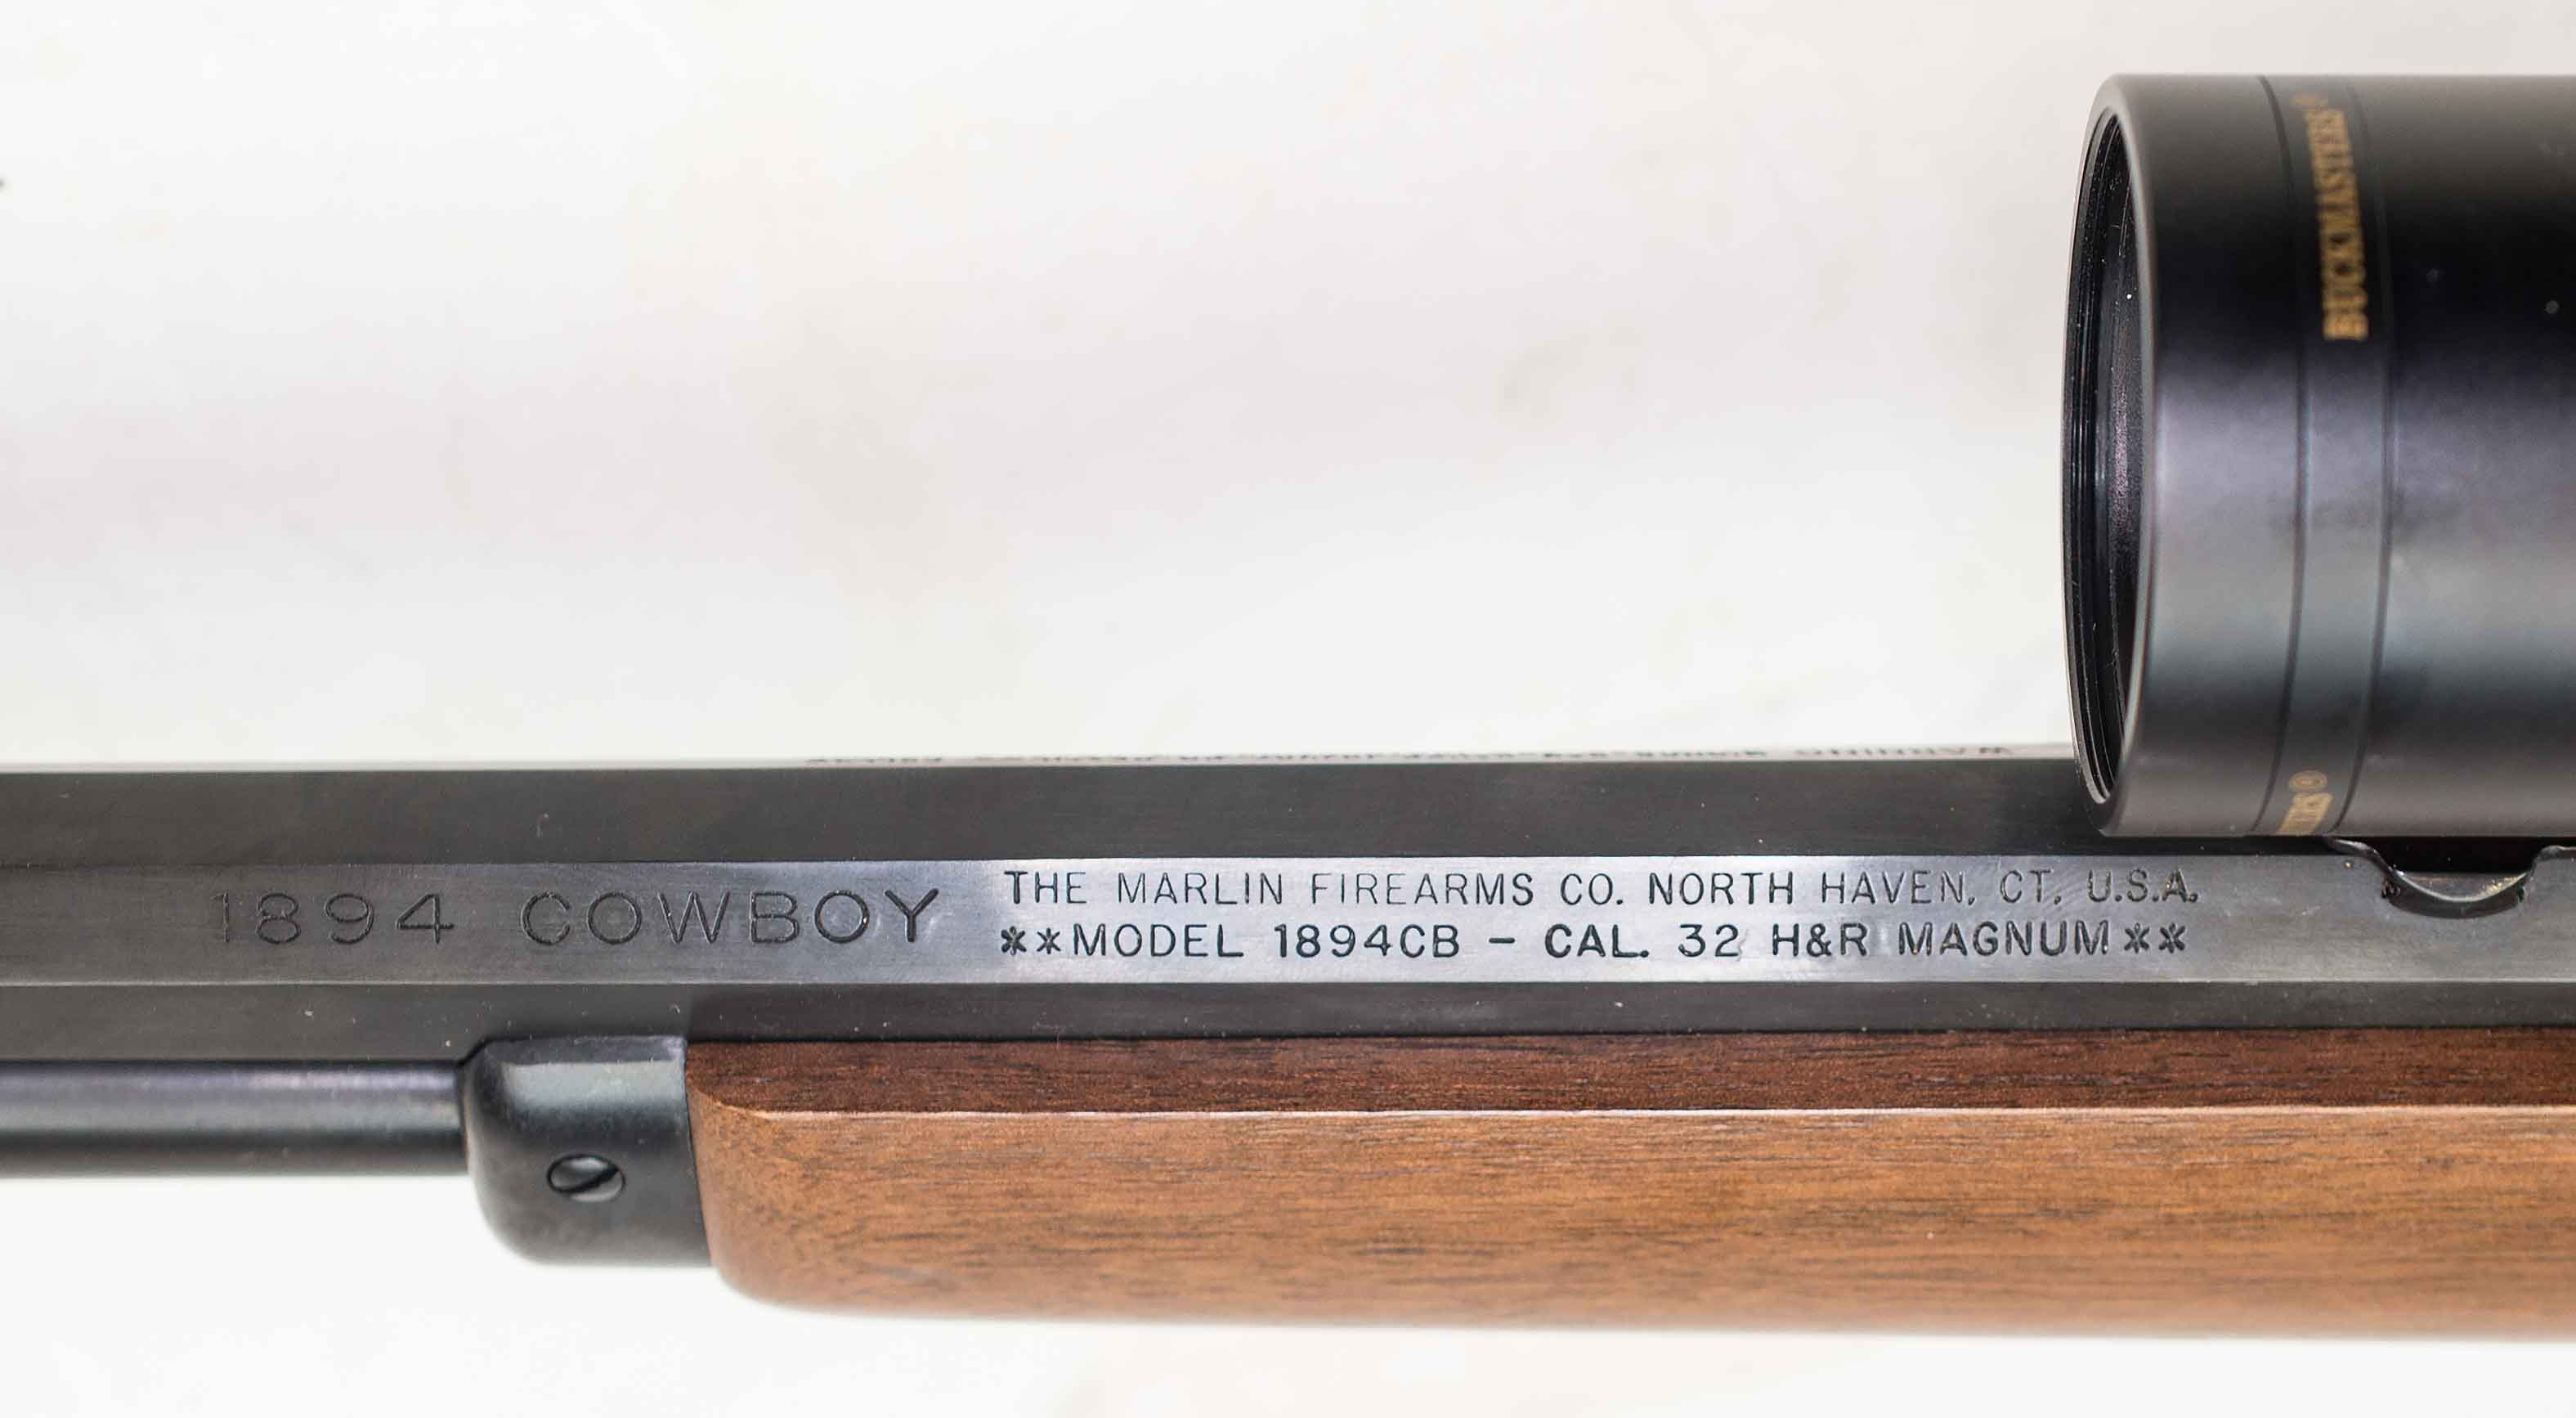 MARLIN MODEL 1894 COWBOY LIMITED – 32 H&R MAGNUM (Auction ID